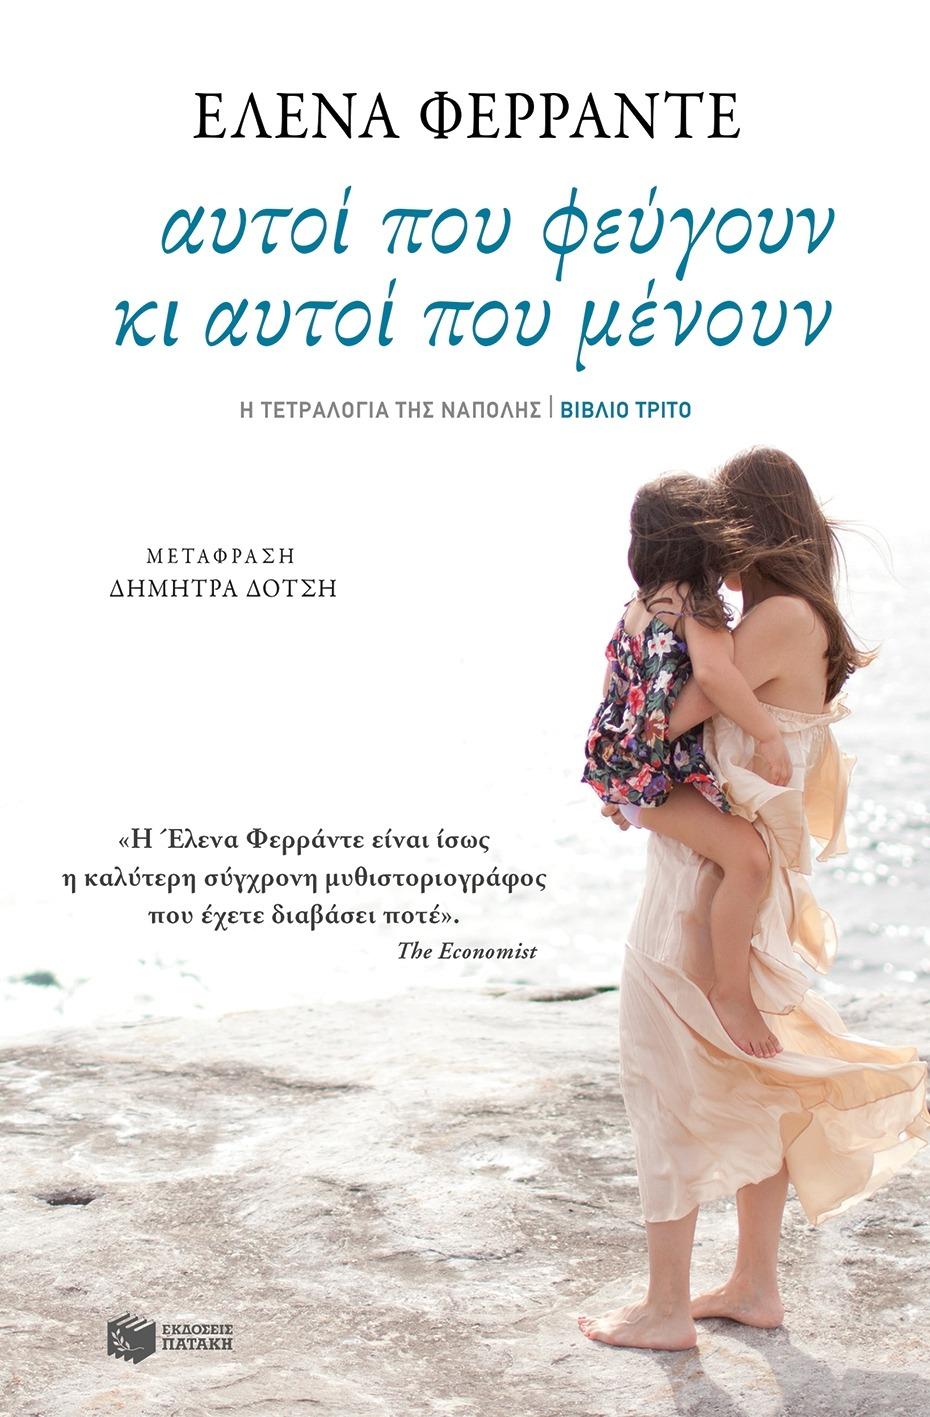 Αυτοί που φεύγουν κι αυτοί που μένουν Elena Ferrante Πατάκη Βιβλίο τρίτο 2017